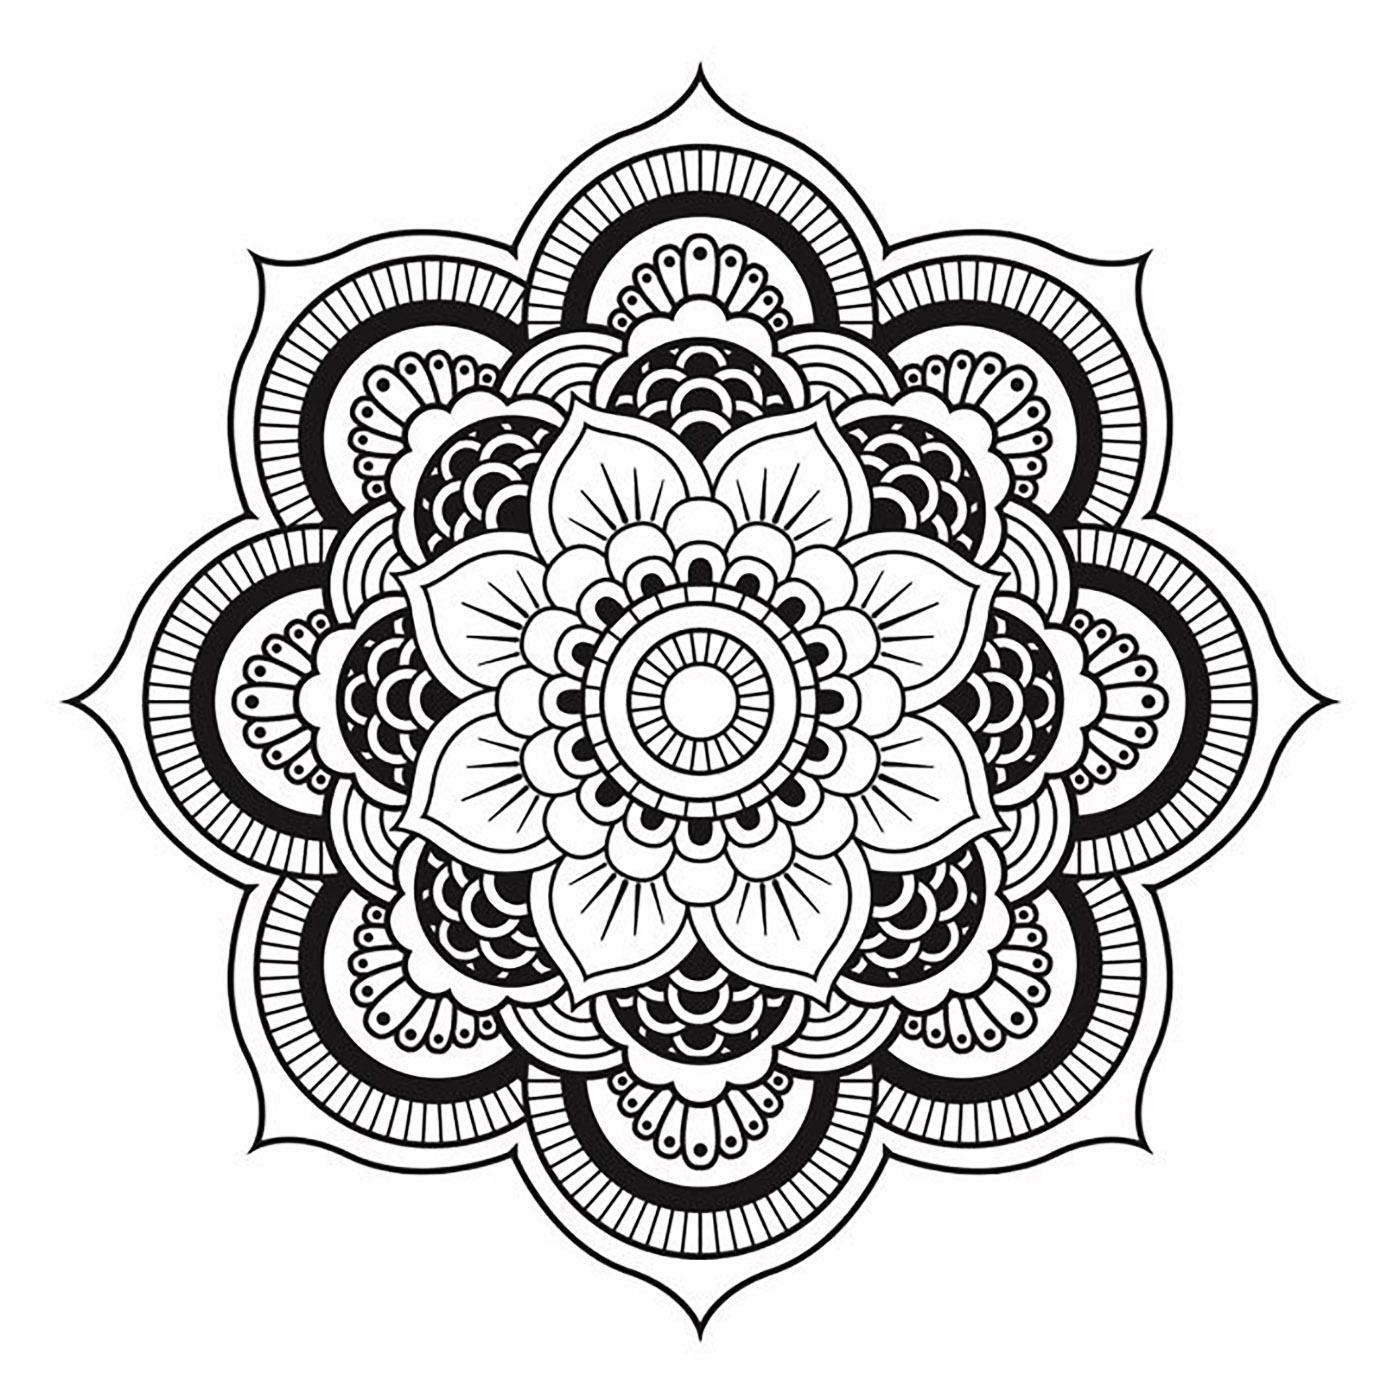 Mandala A Telecharger Et Colorier Fleur - Coloriage Mandalas concernant Mandala Facile À Imprimer